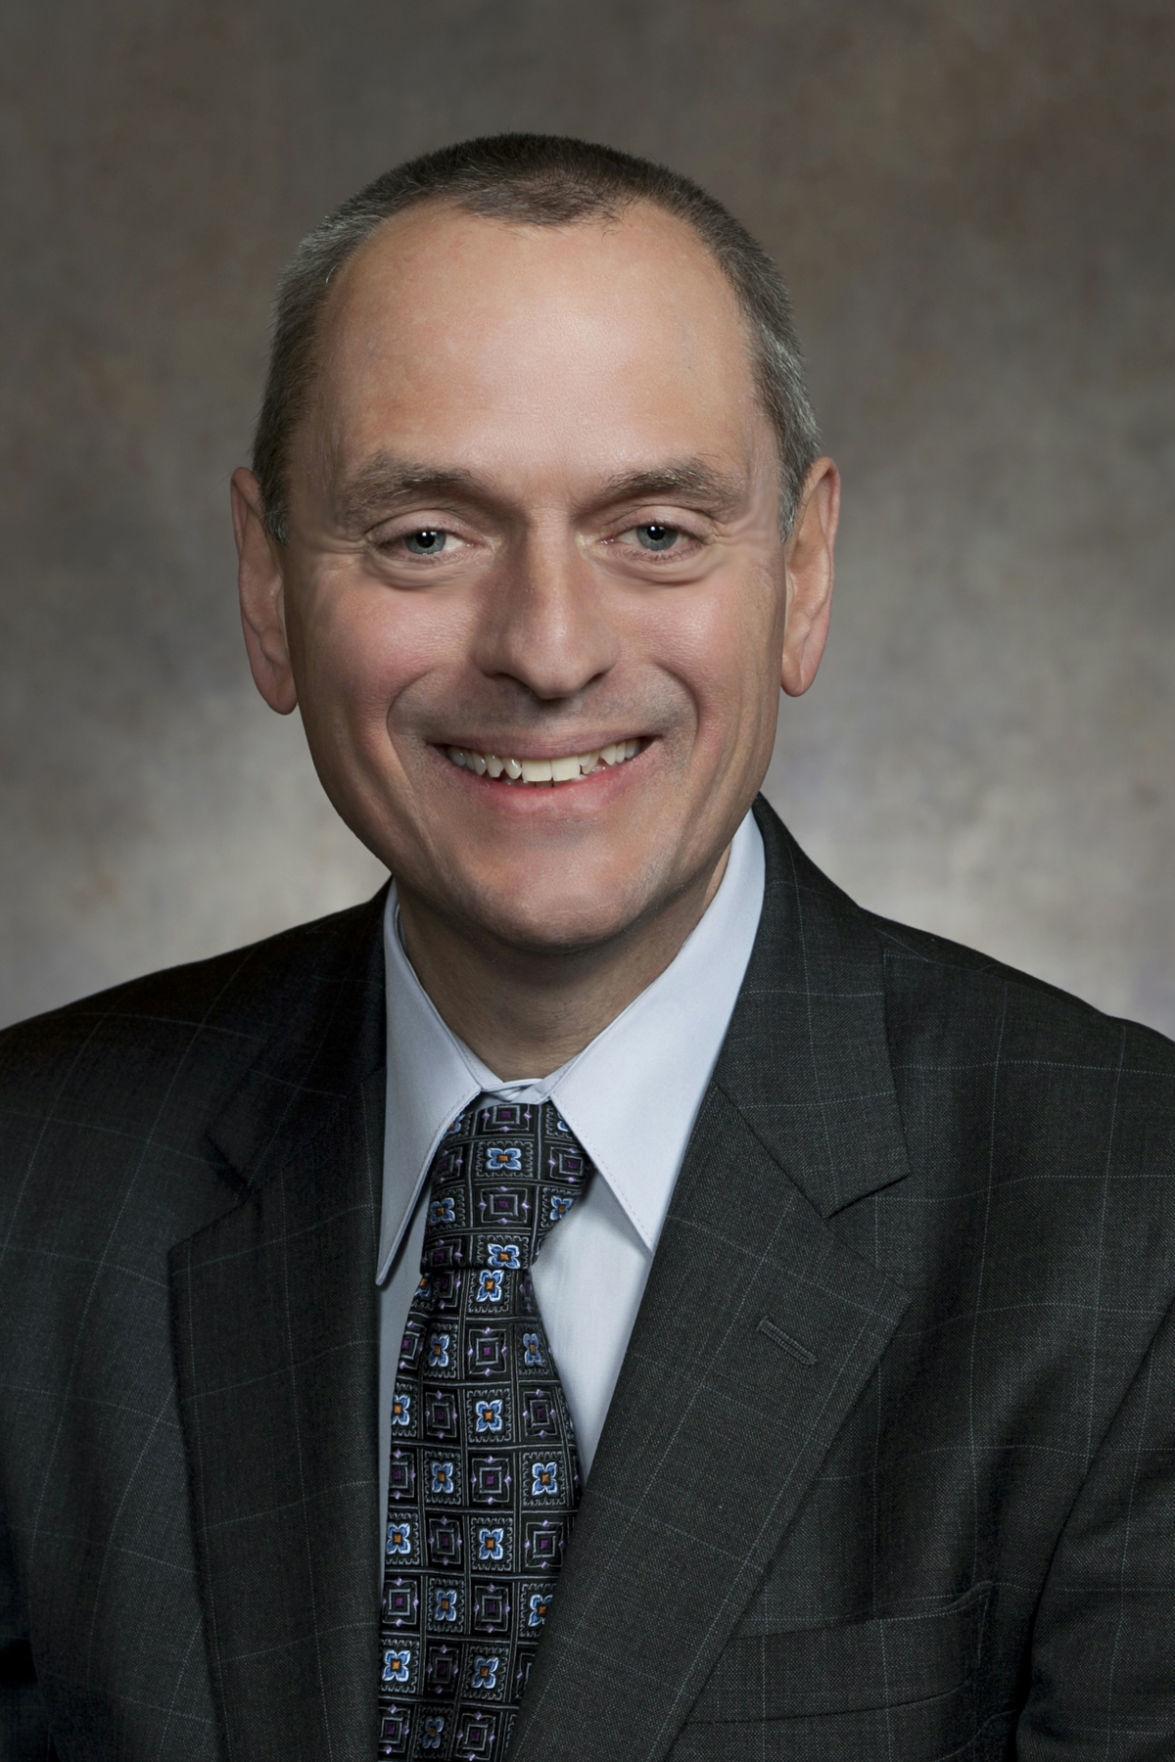 Rep. Joe Sanfelippo